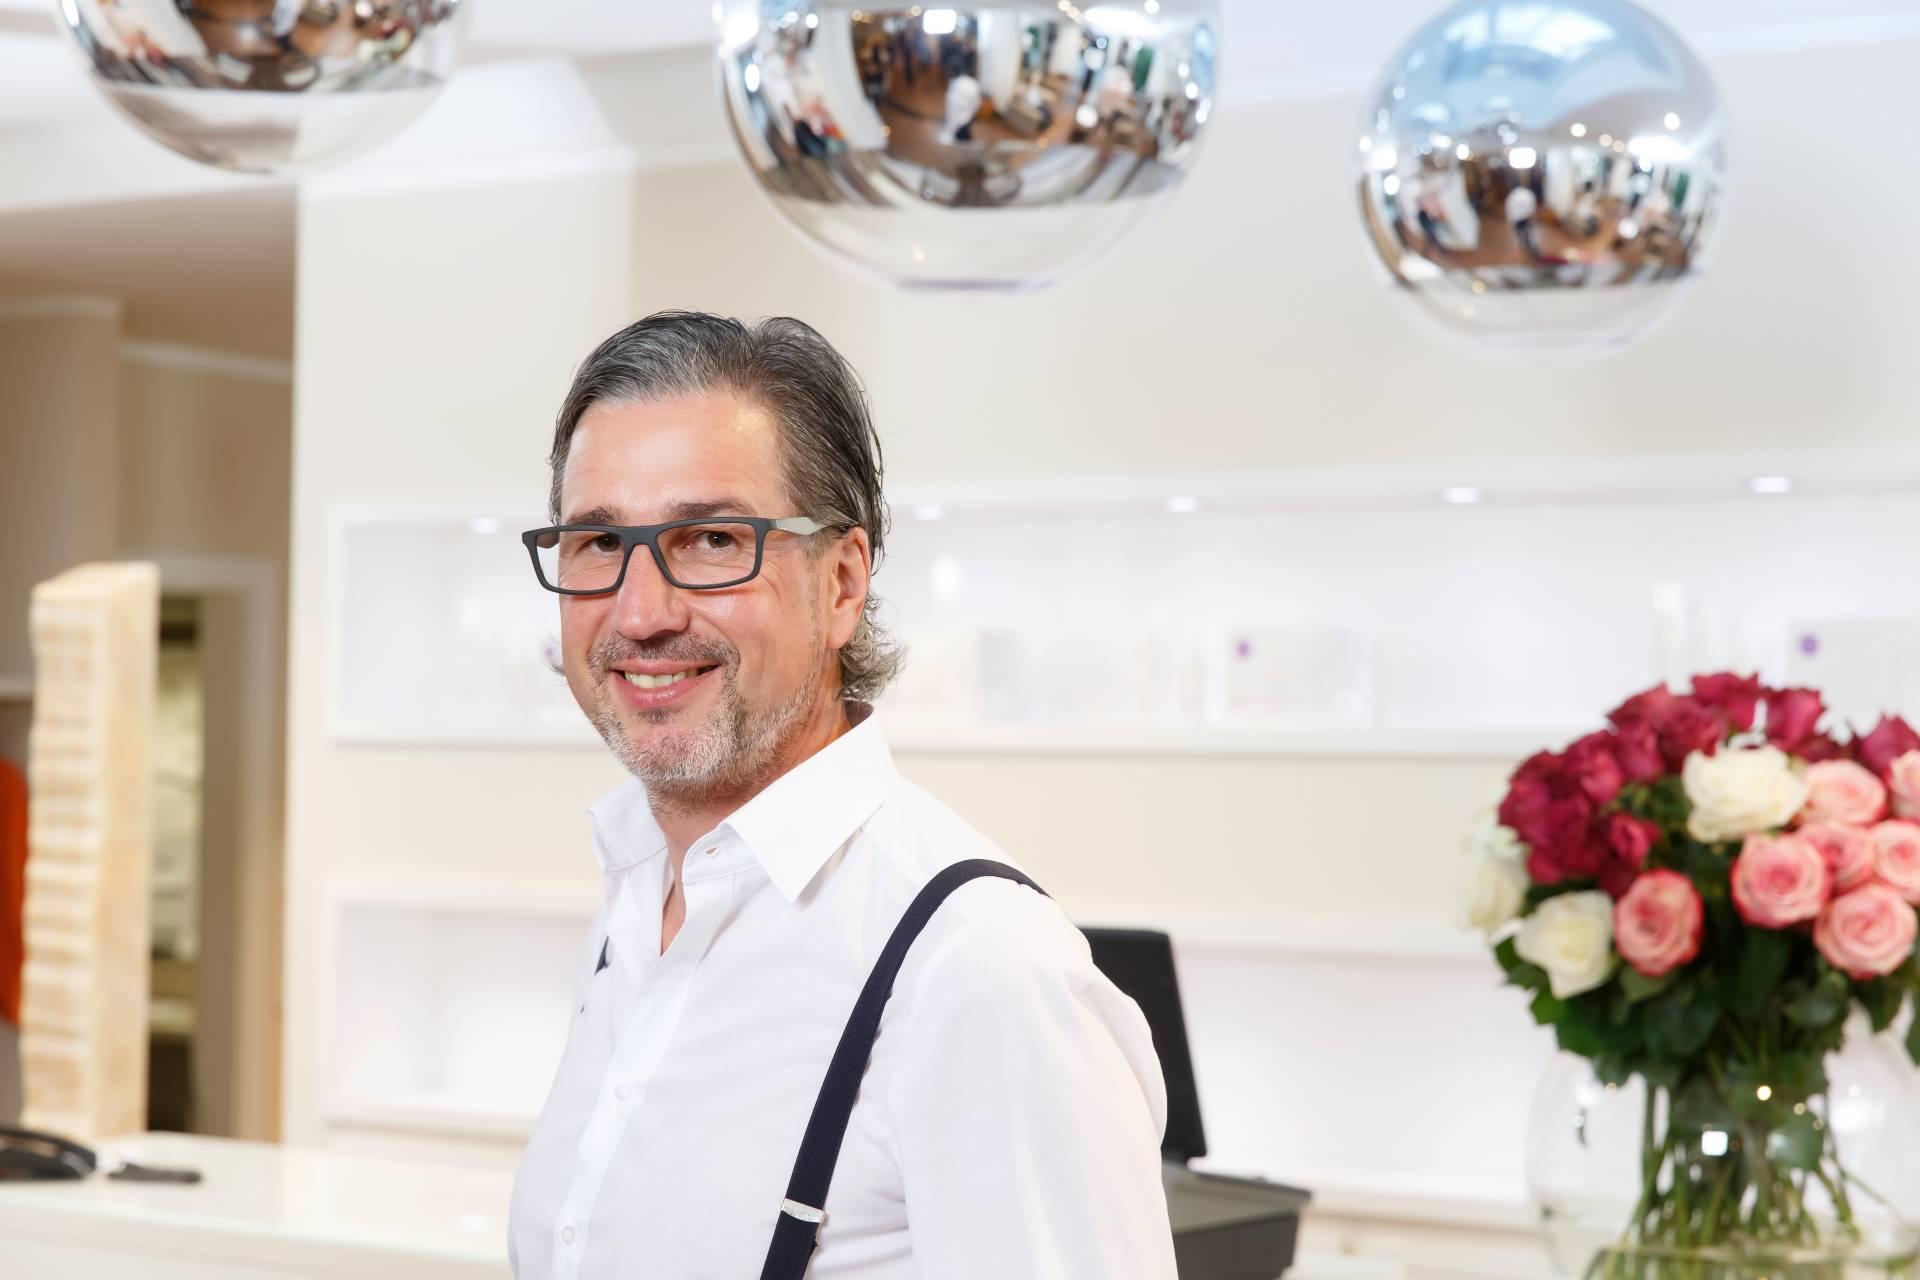 Franz Reicheneder, Friseursalon und Schönheitszentrum Straubing